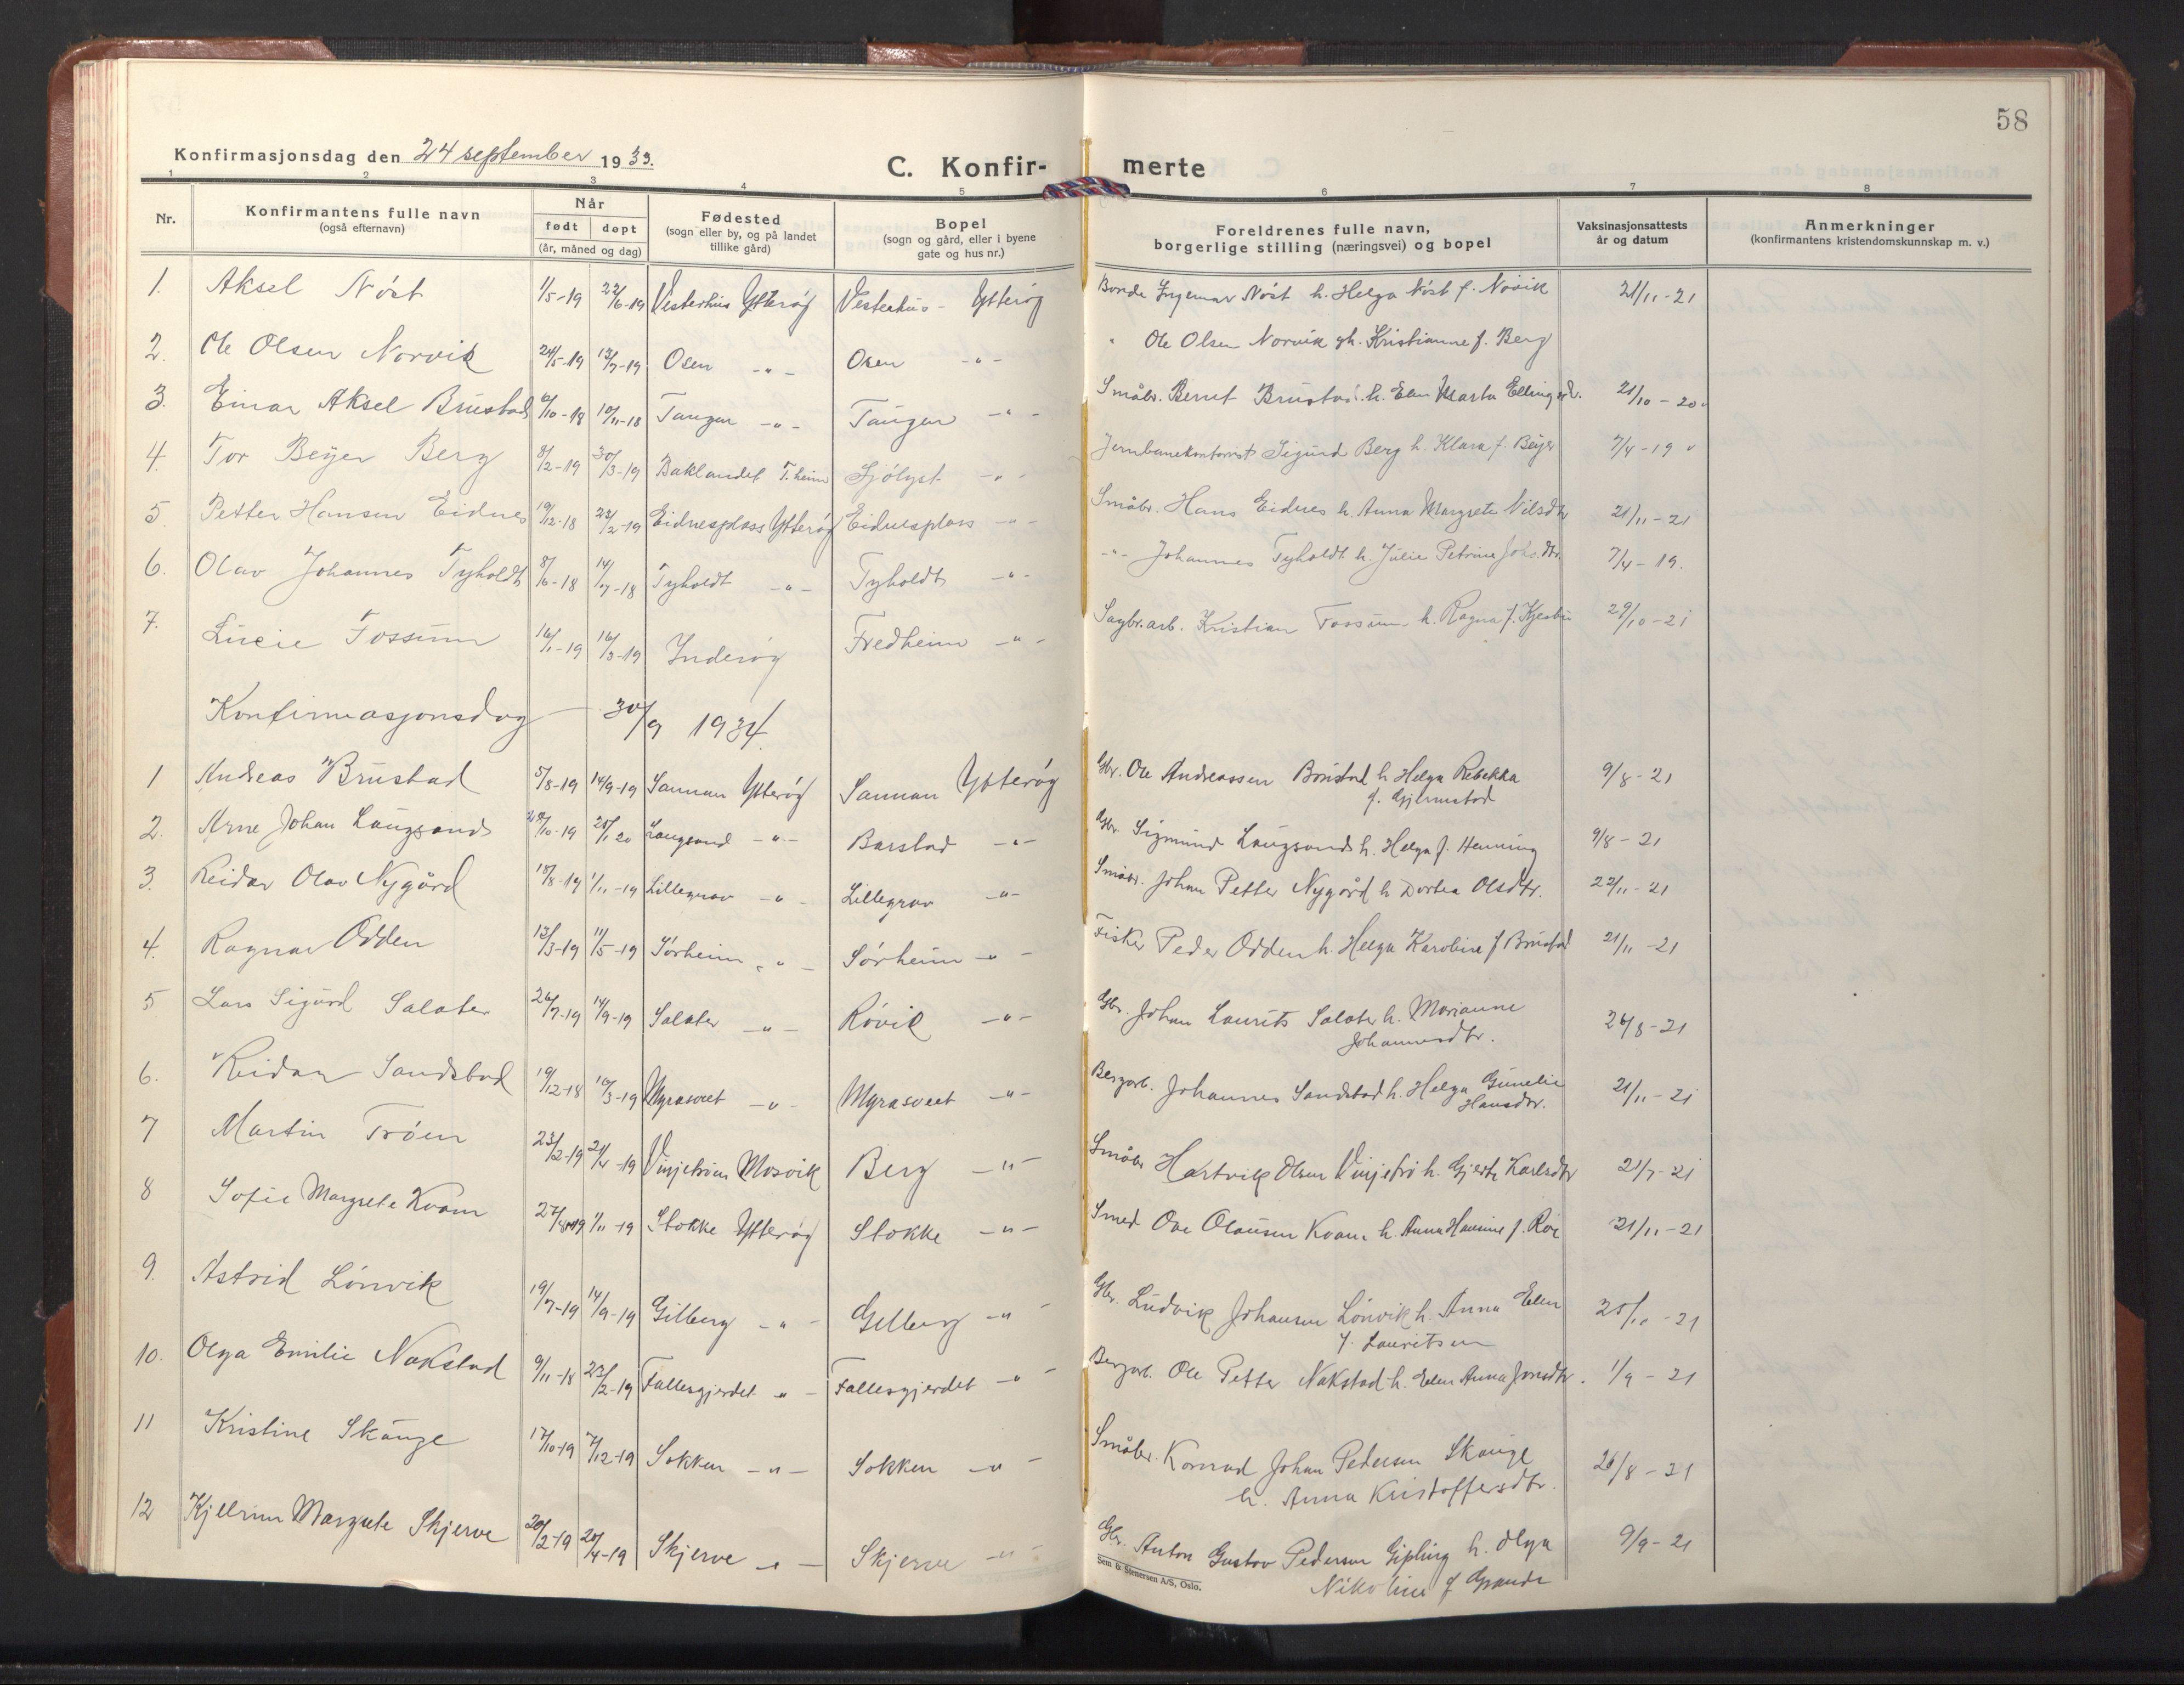 SAT, Ministerialprotokoller, klokkerbøker og fødselsregistre - Nord-Trøndelag, 722/L0227: Klokkerbok nr. 722C03, 1928-1958, s. 58